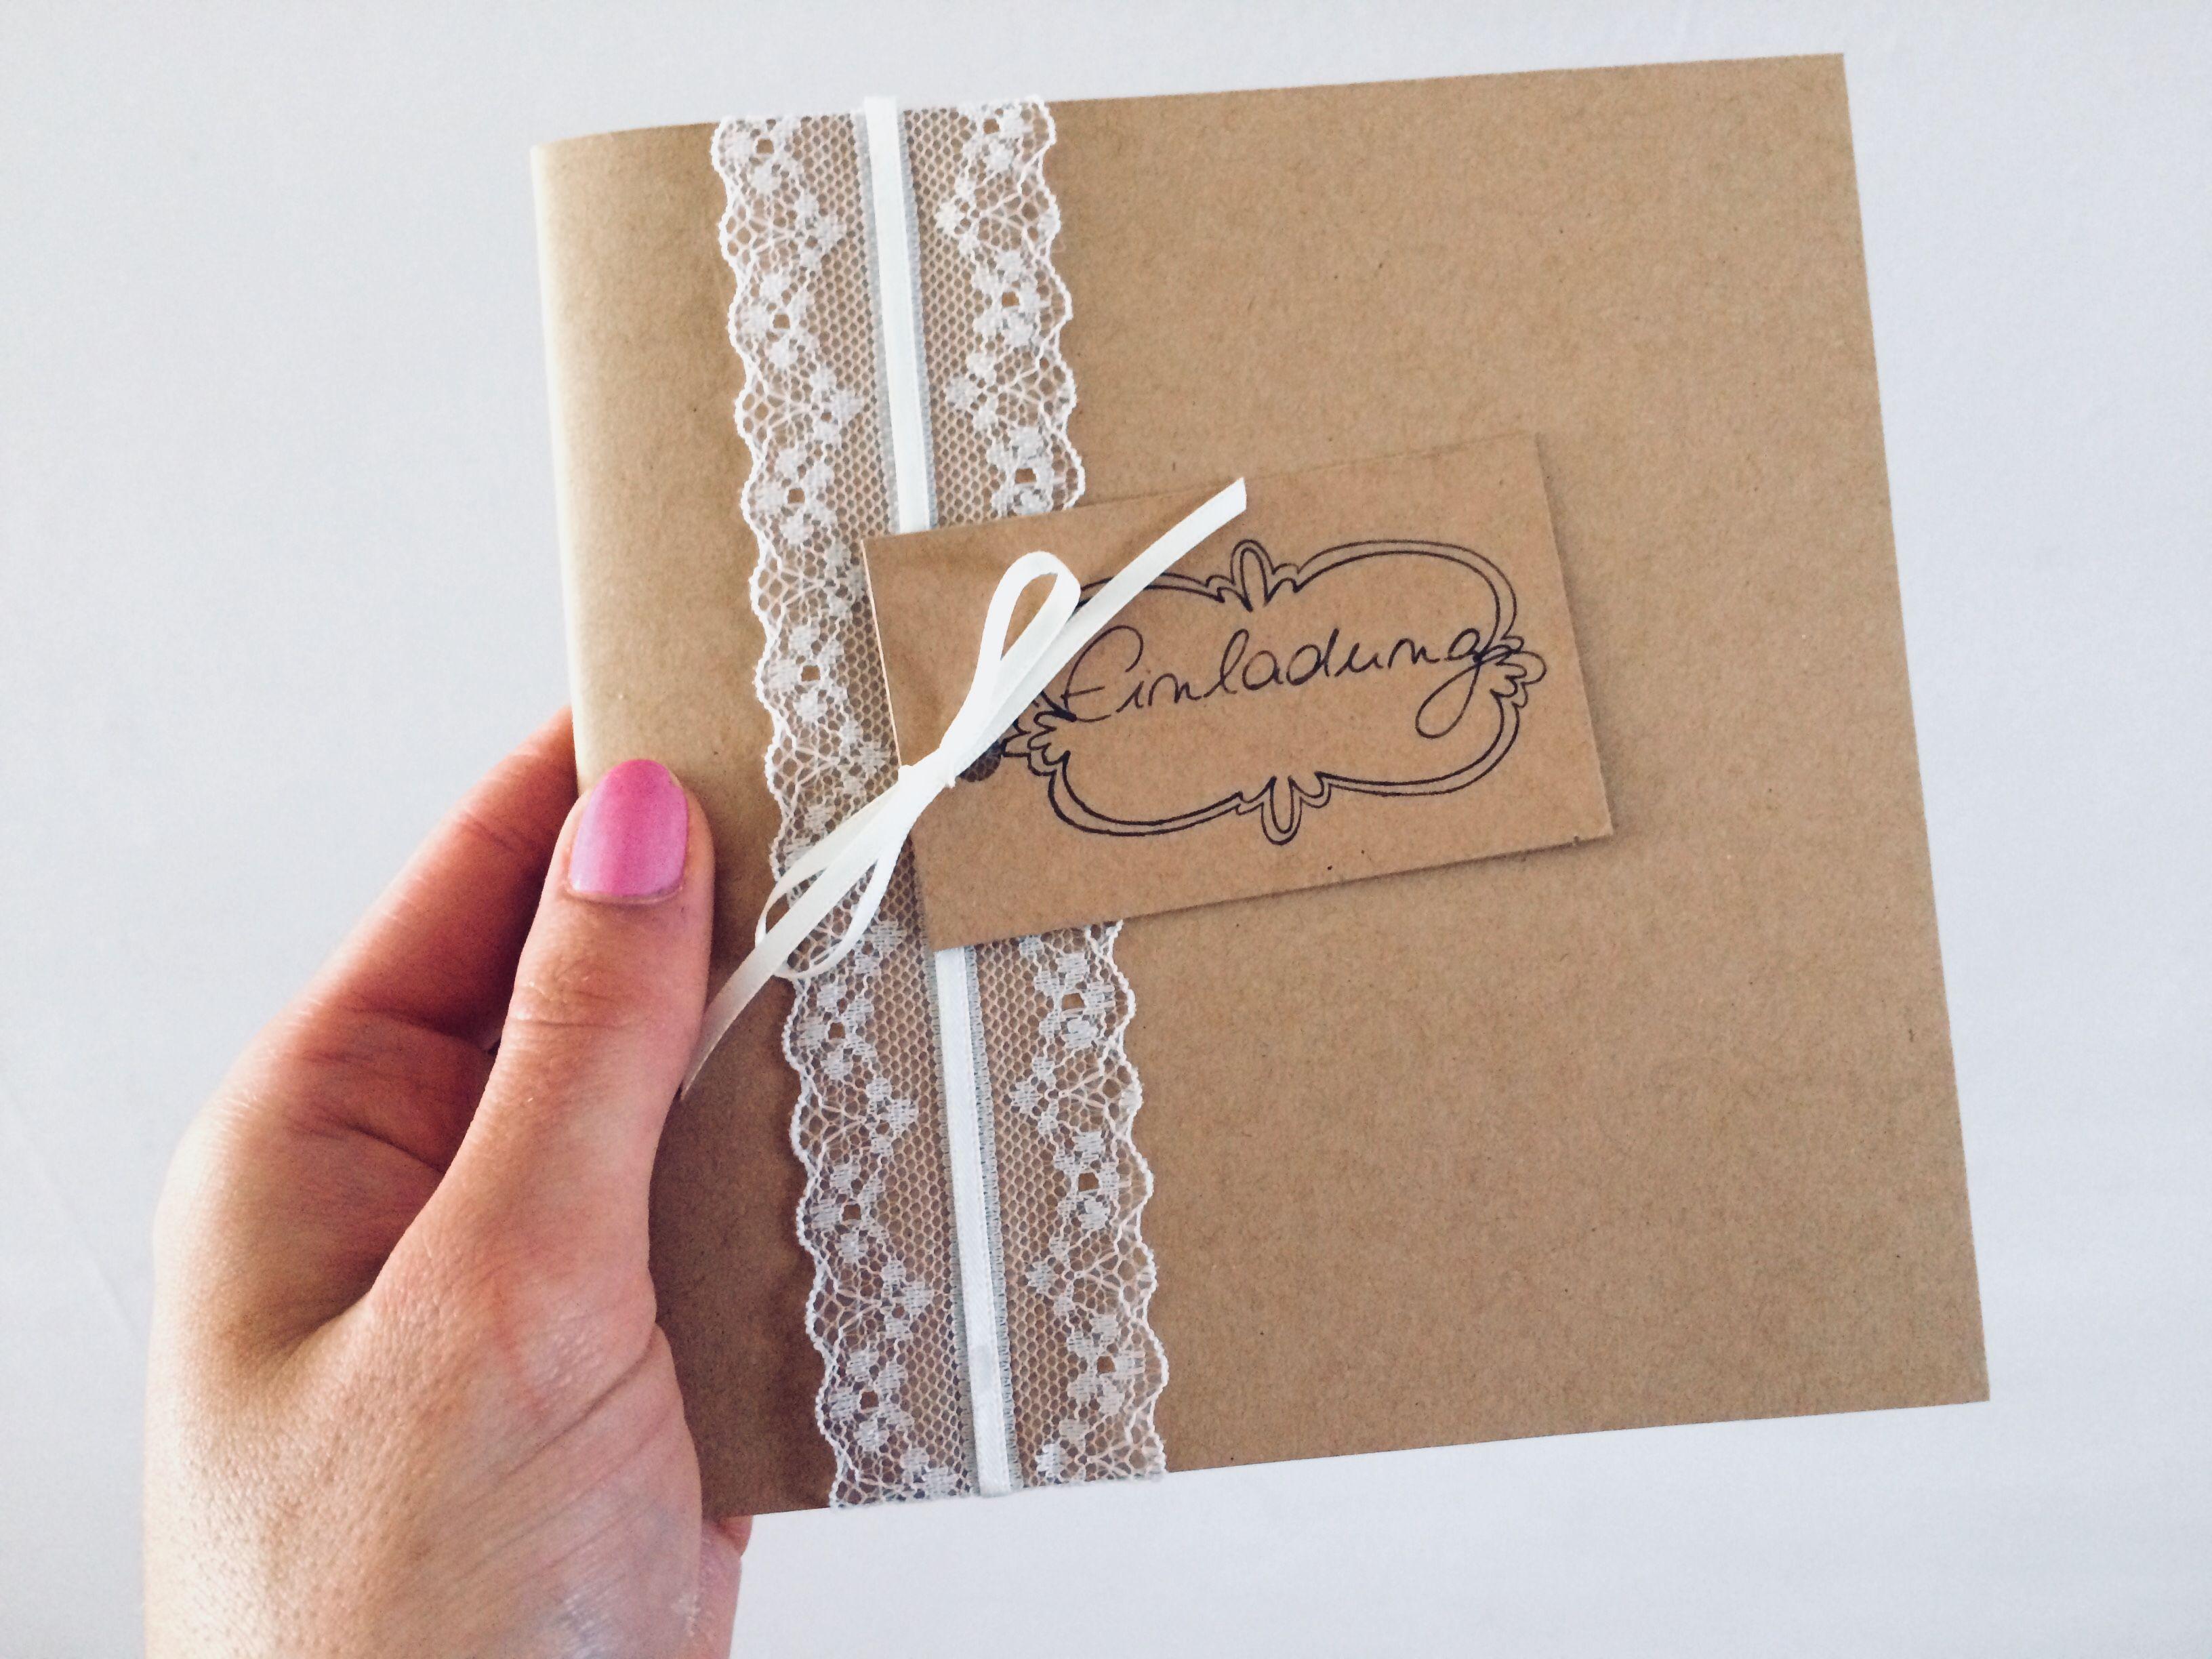 Selbstgemacht Karte Basteln Hochzeitseinladung Einladung